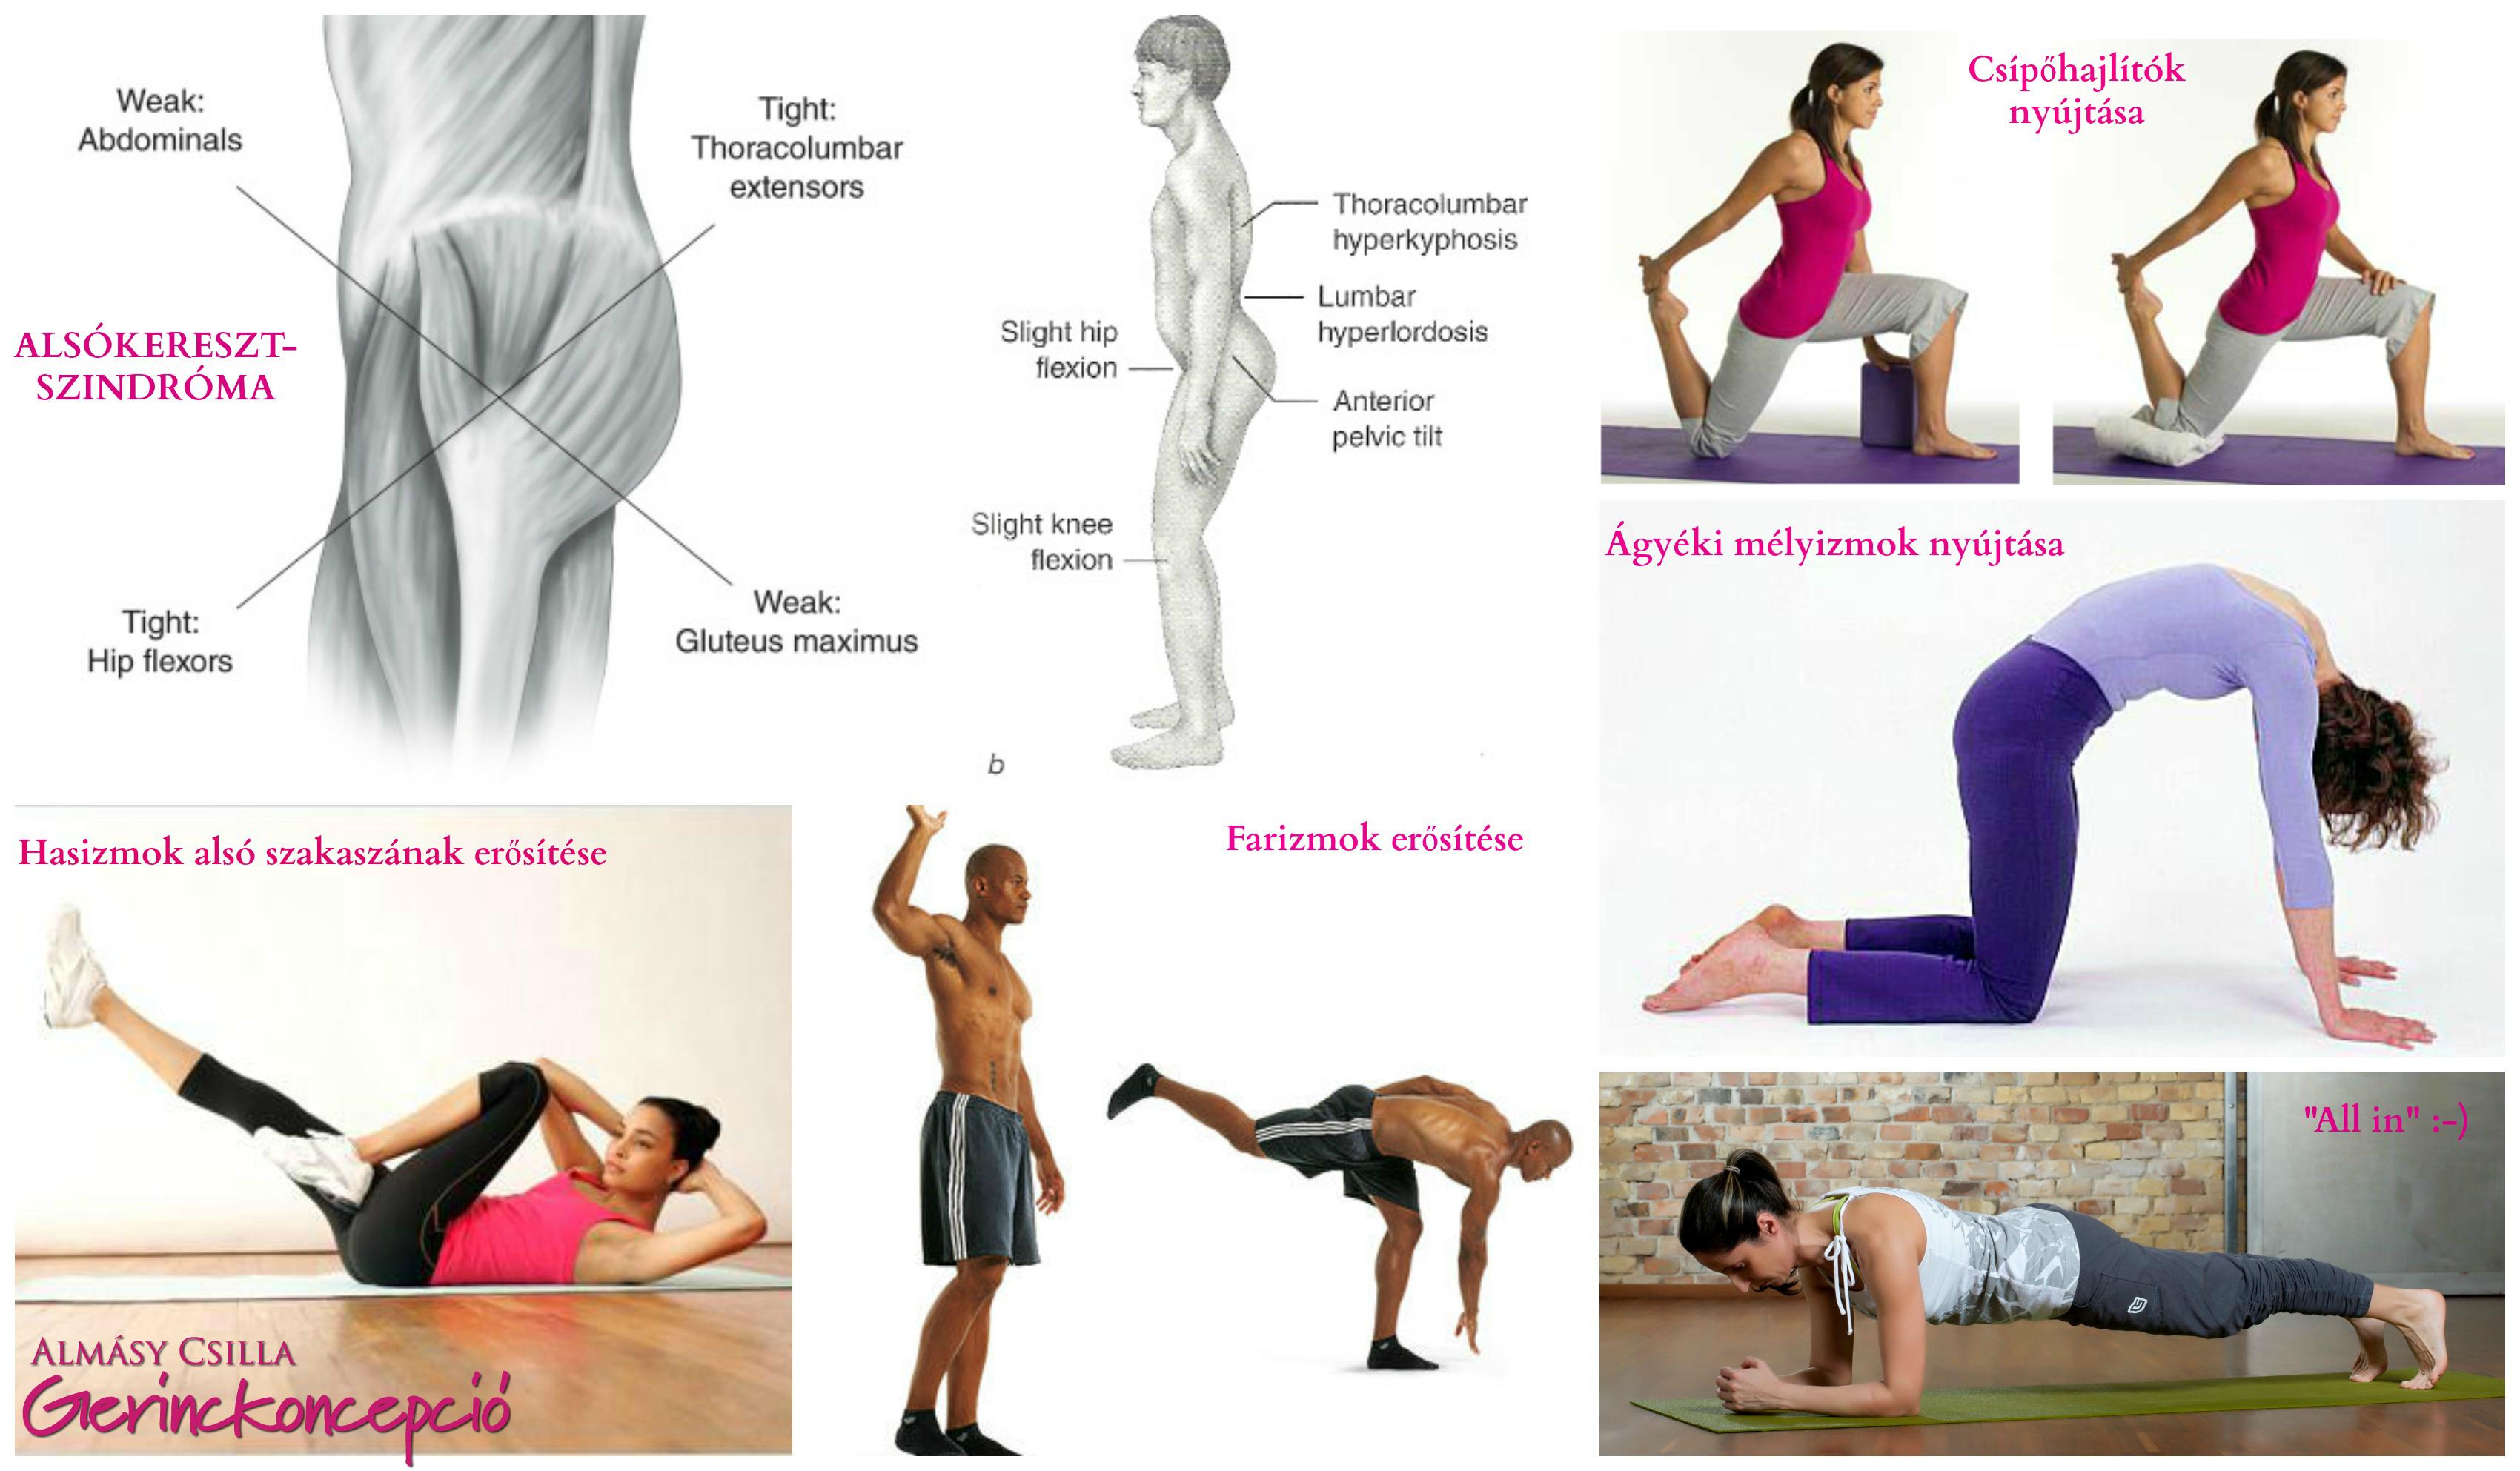 5 remek egyensúlygyakorlat a core izmok erősítésére | Femcafe